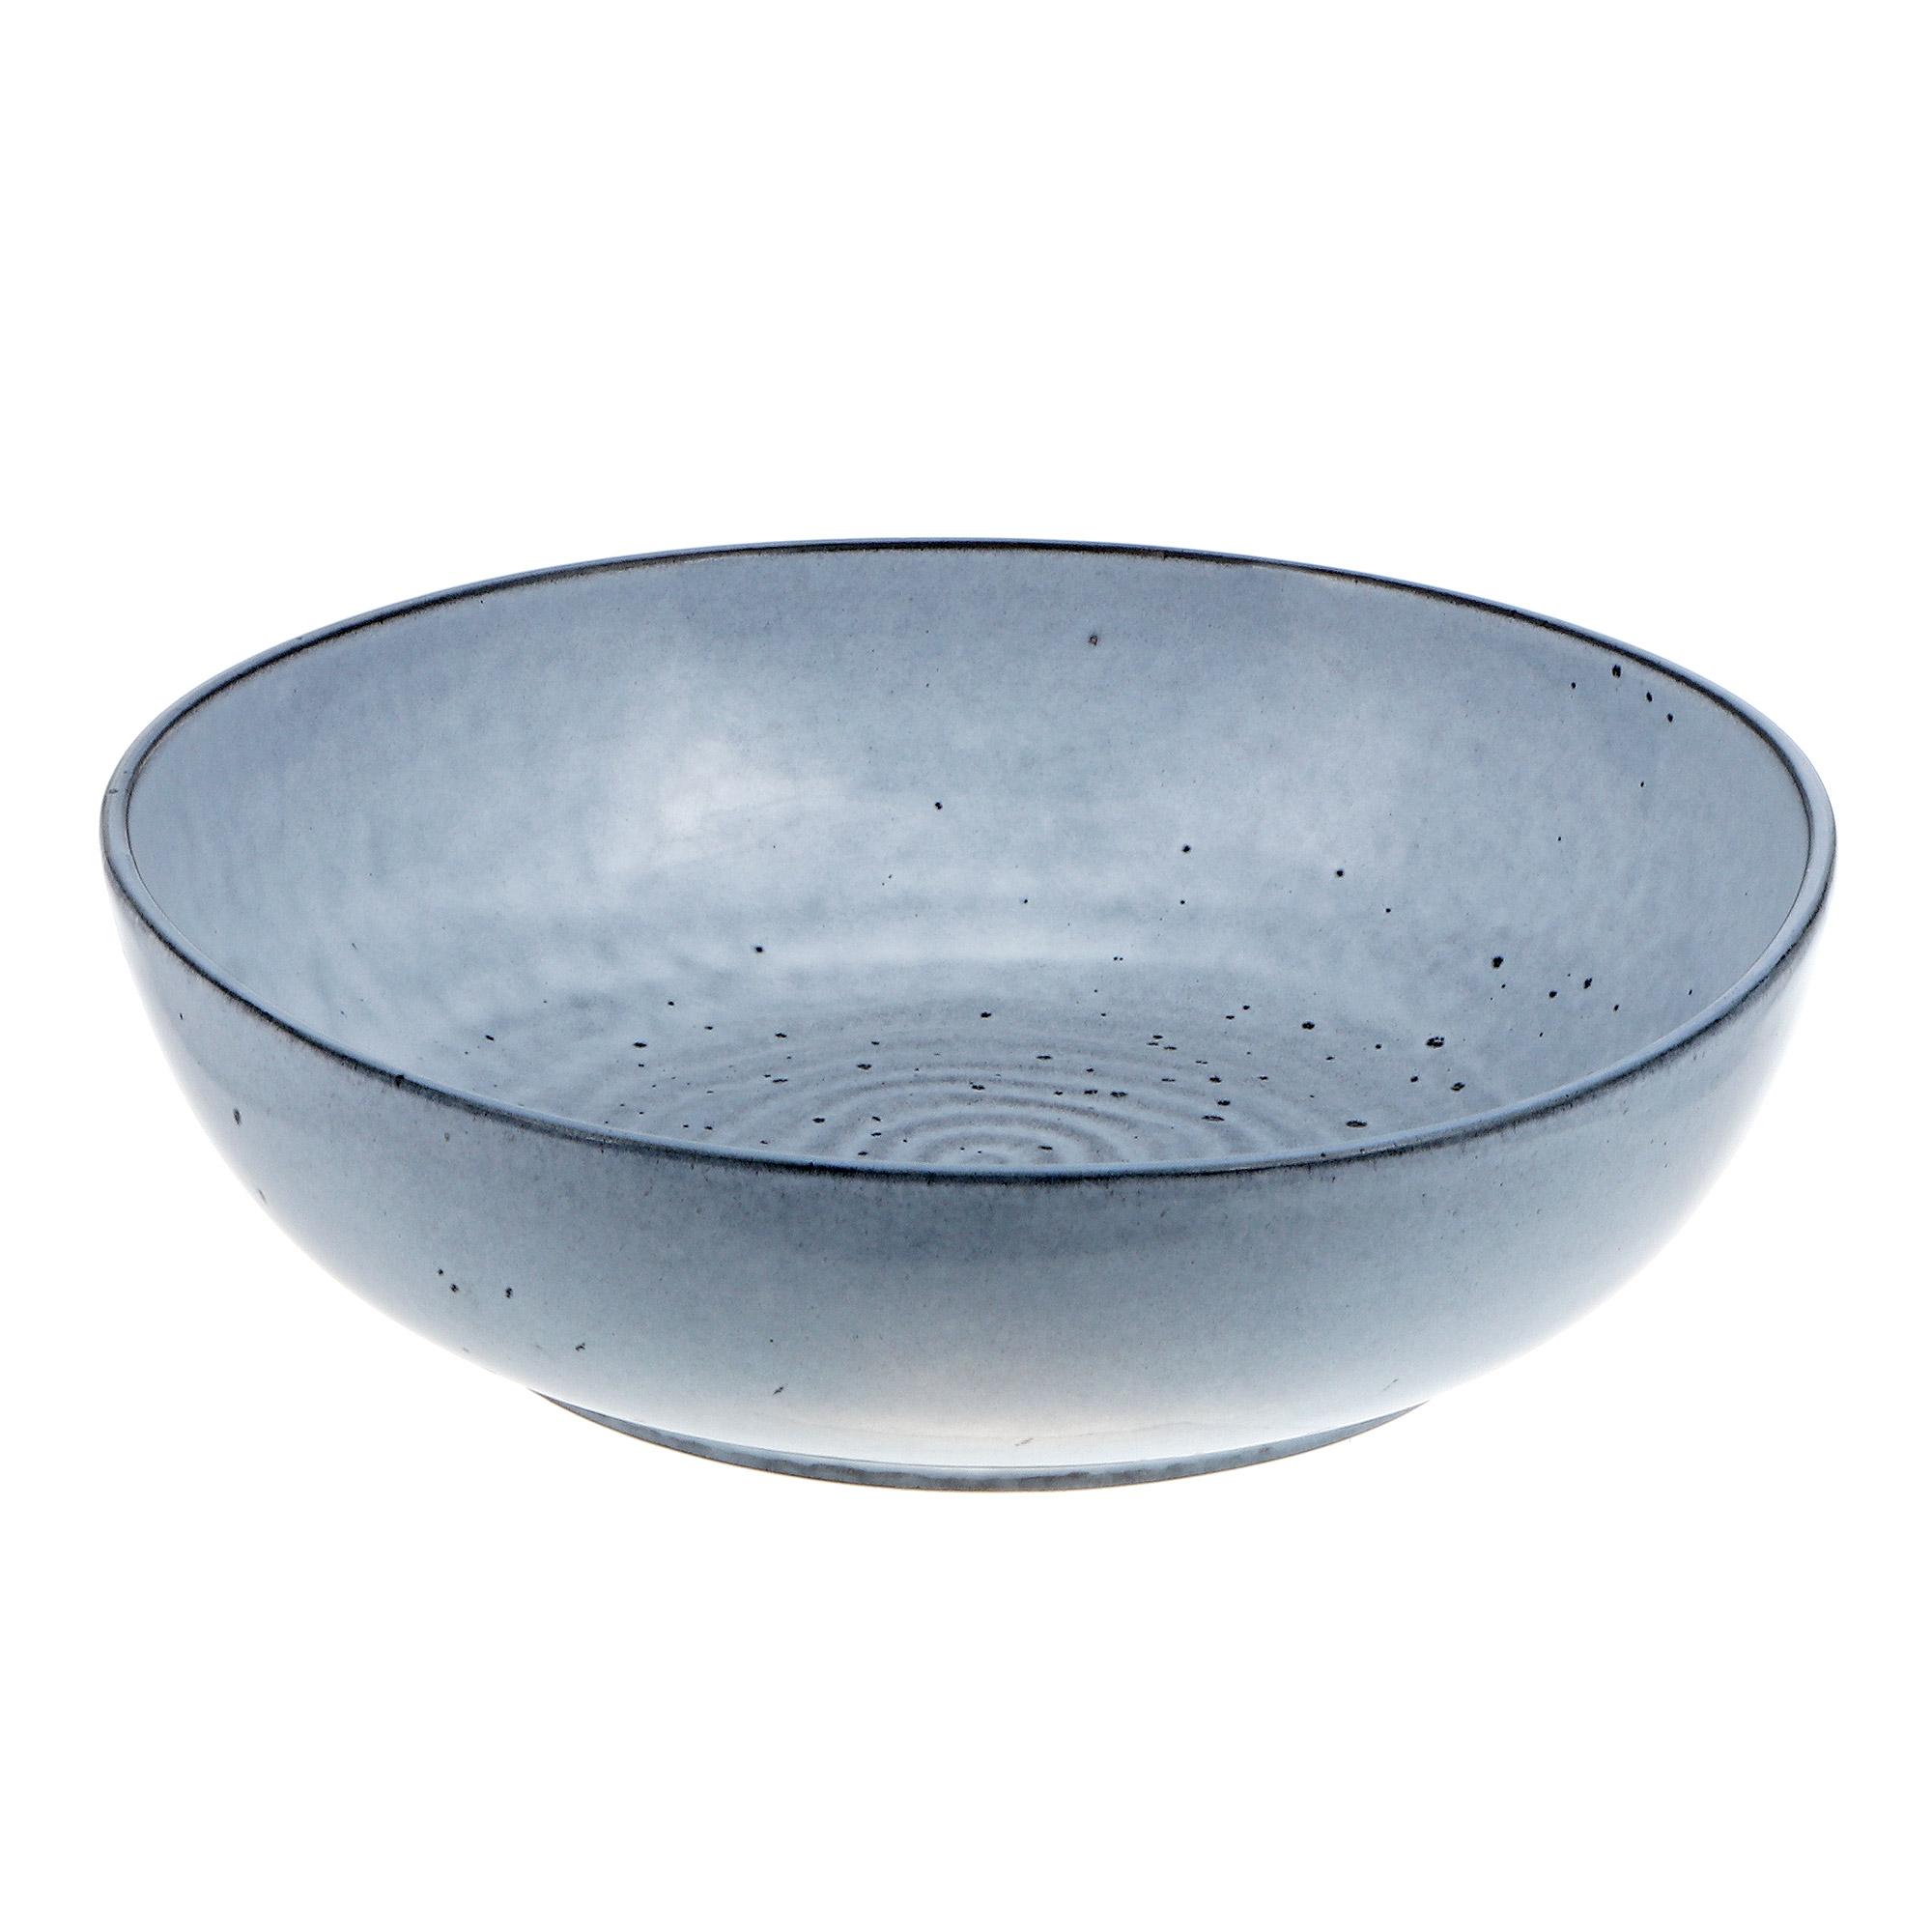 Купить Тарелка суповая 23см Tognana vulcania waves celeste, Китай, фарфор